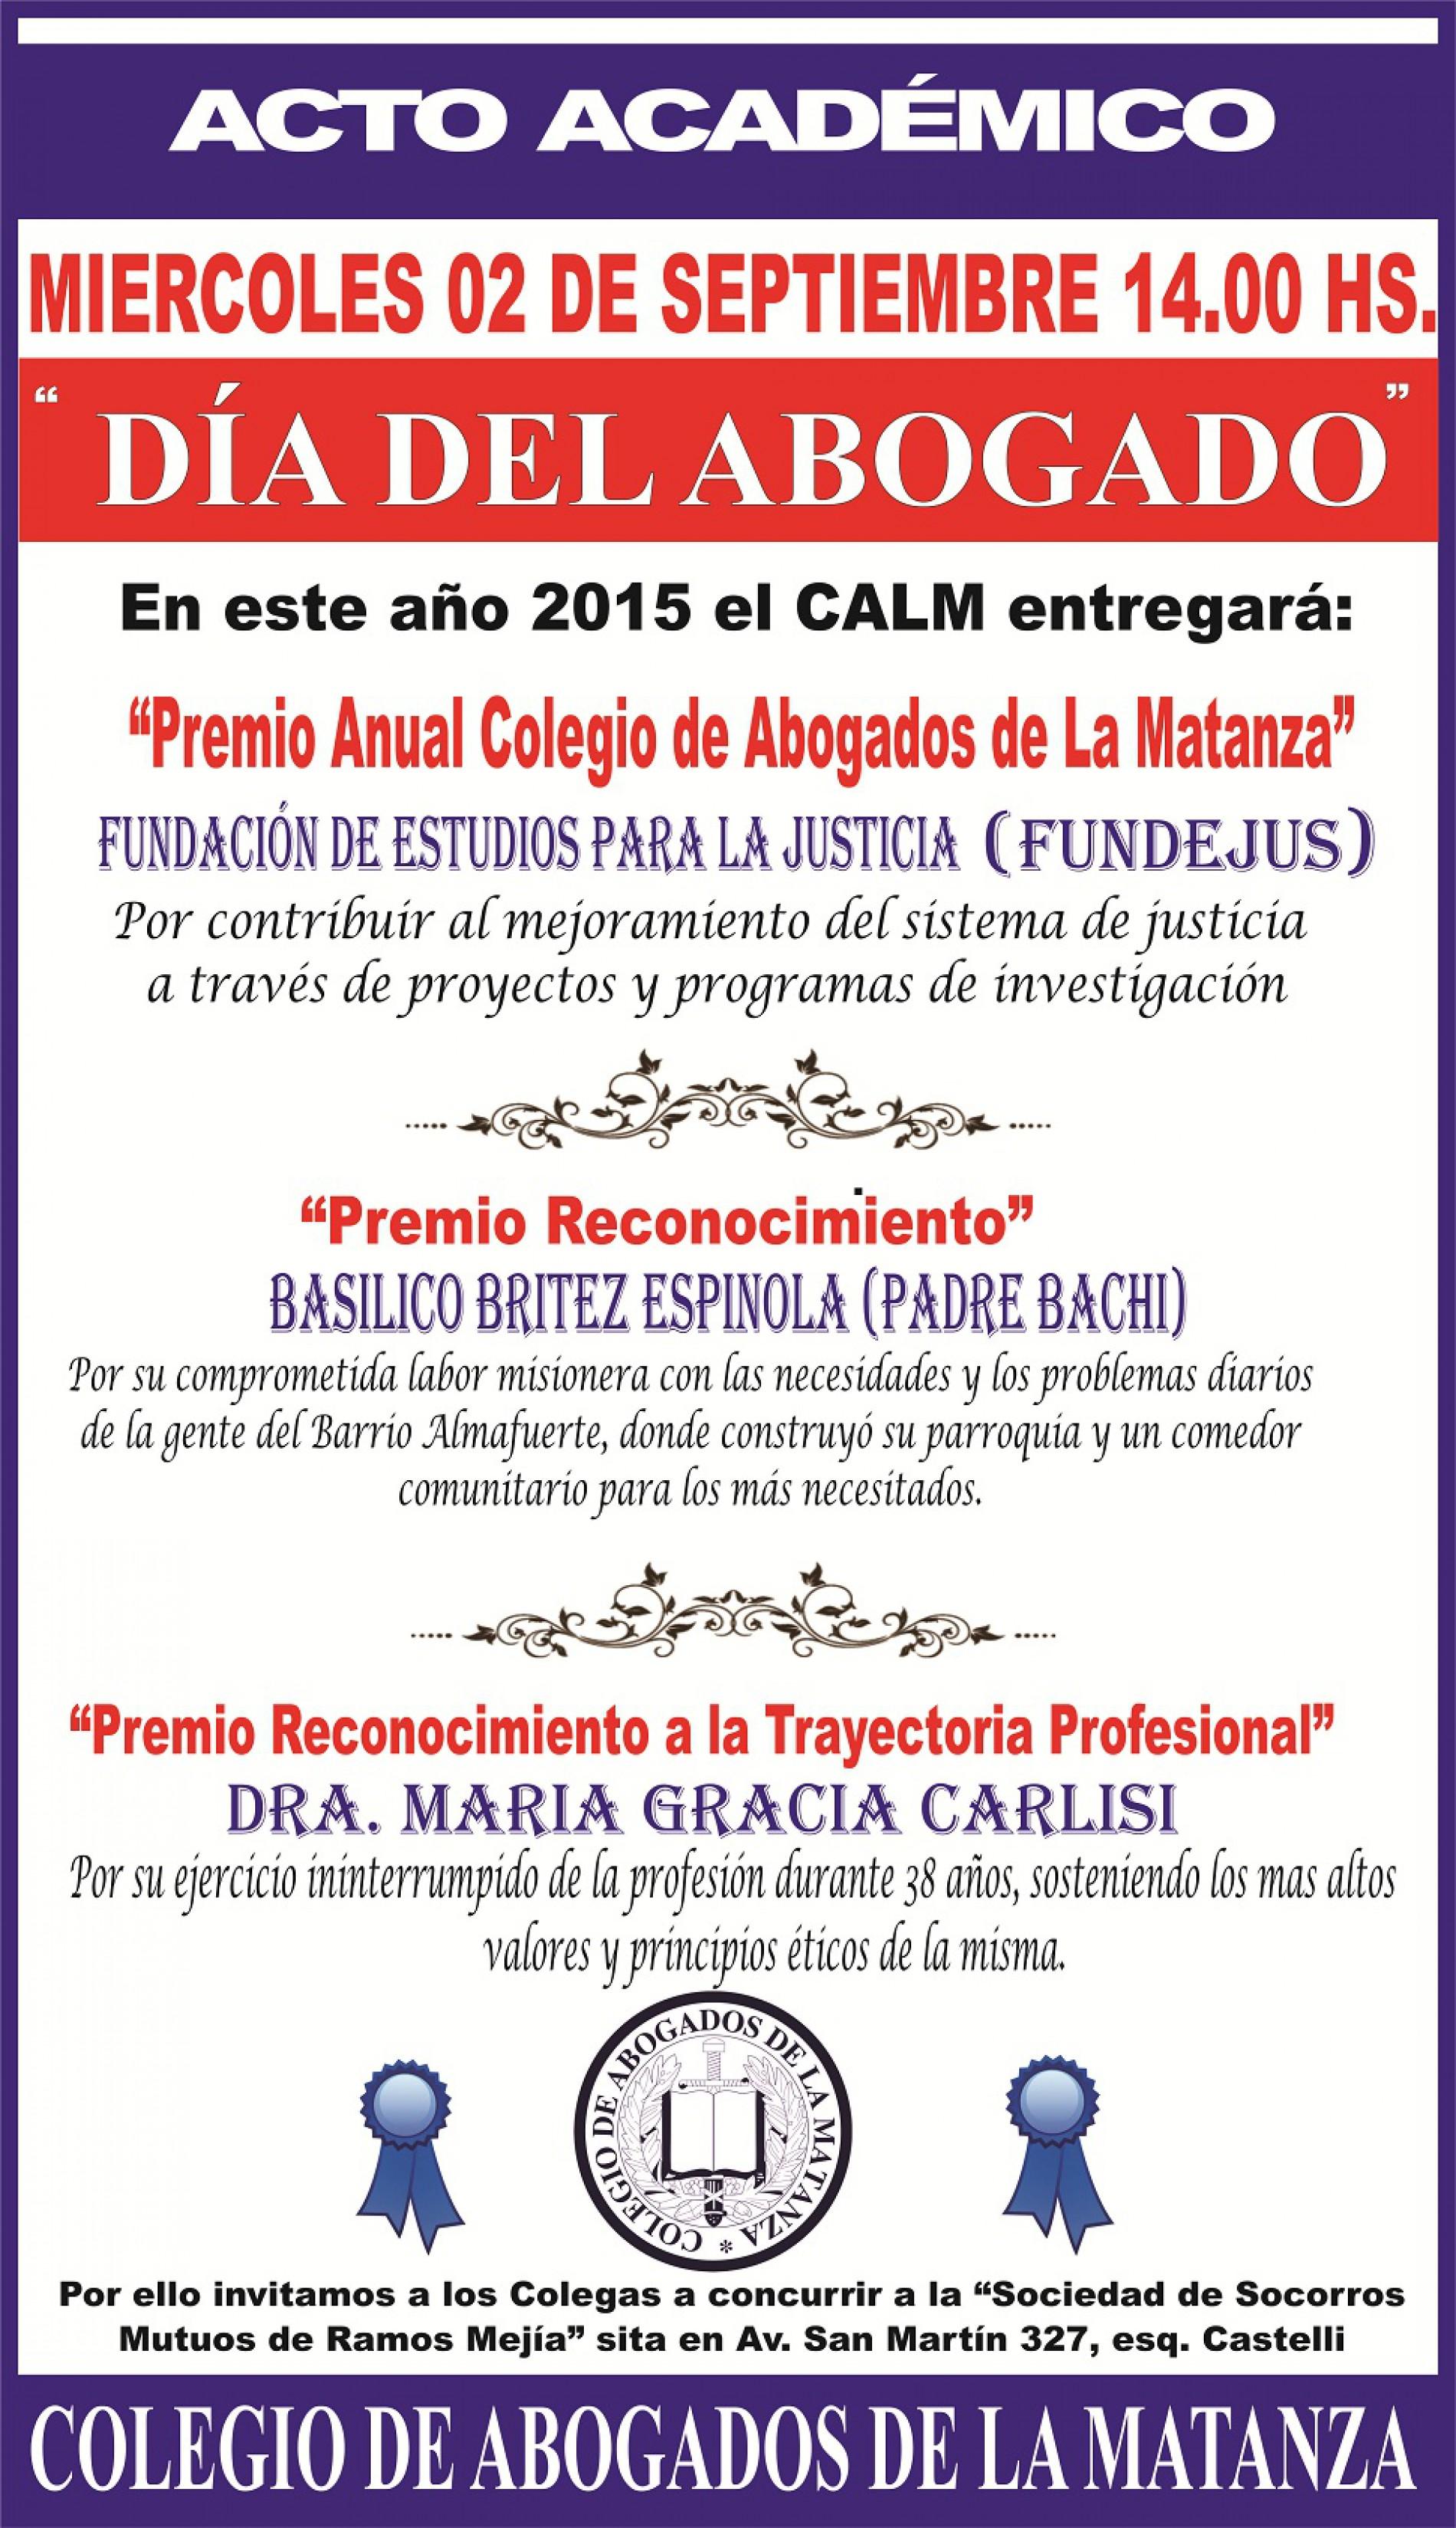 Premio anual Colegio de Abogados de La Matanza